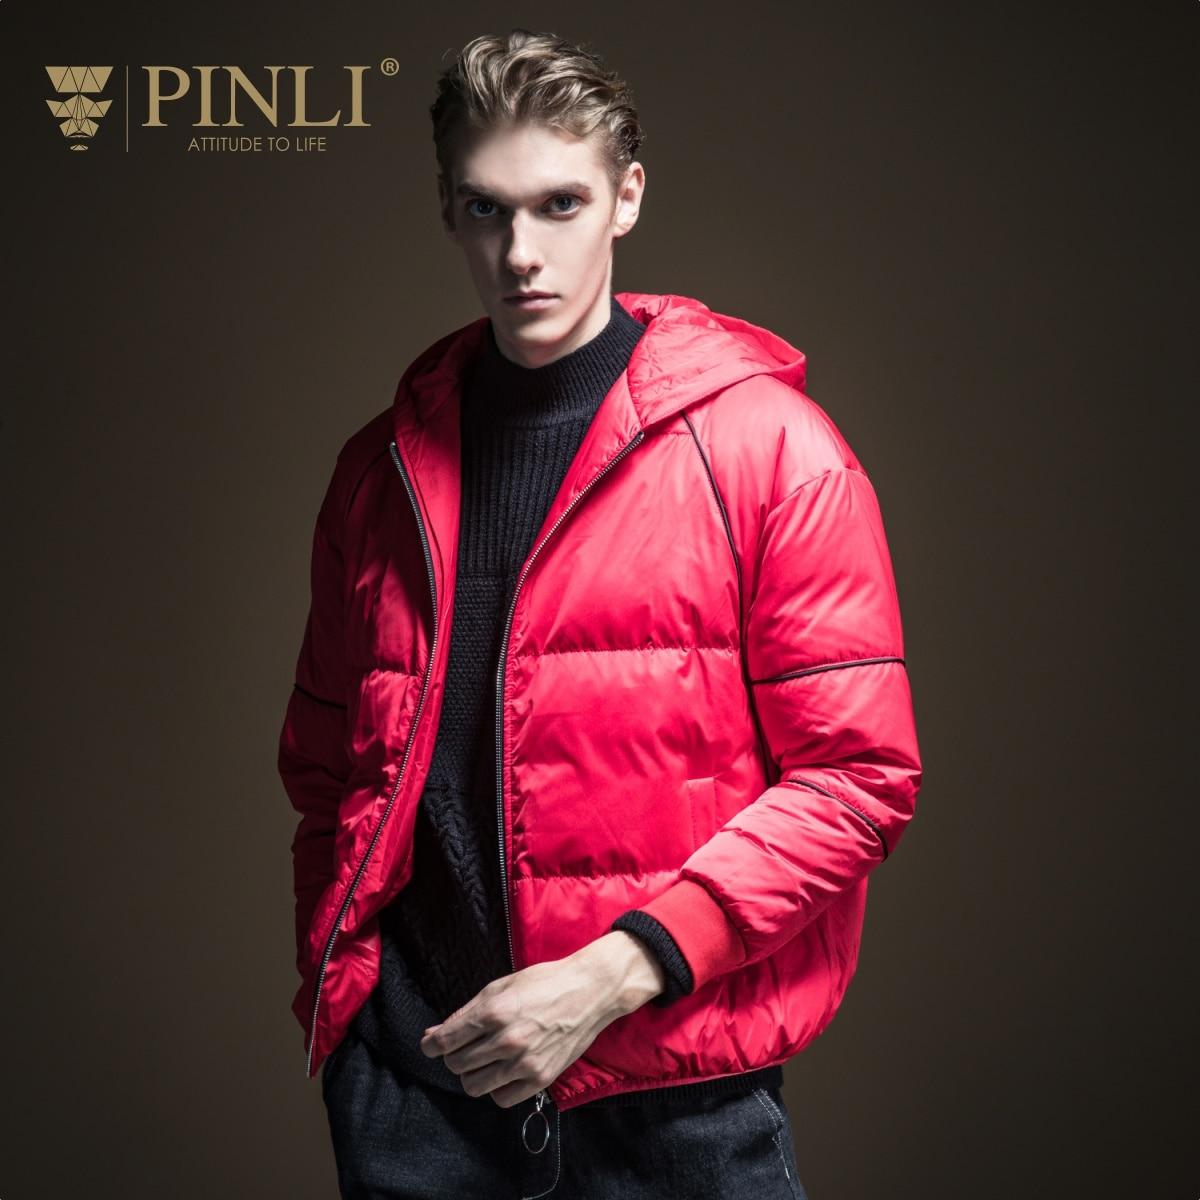 Doudoune précipitée veste nouveauté 2019 vente Sobretudo Pinli hiver hommes couleur unie courte à capuche décontracté manteau B194208811